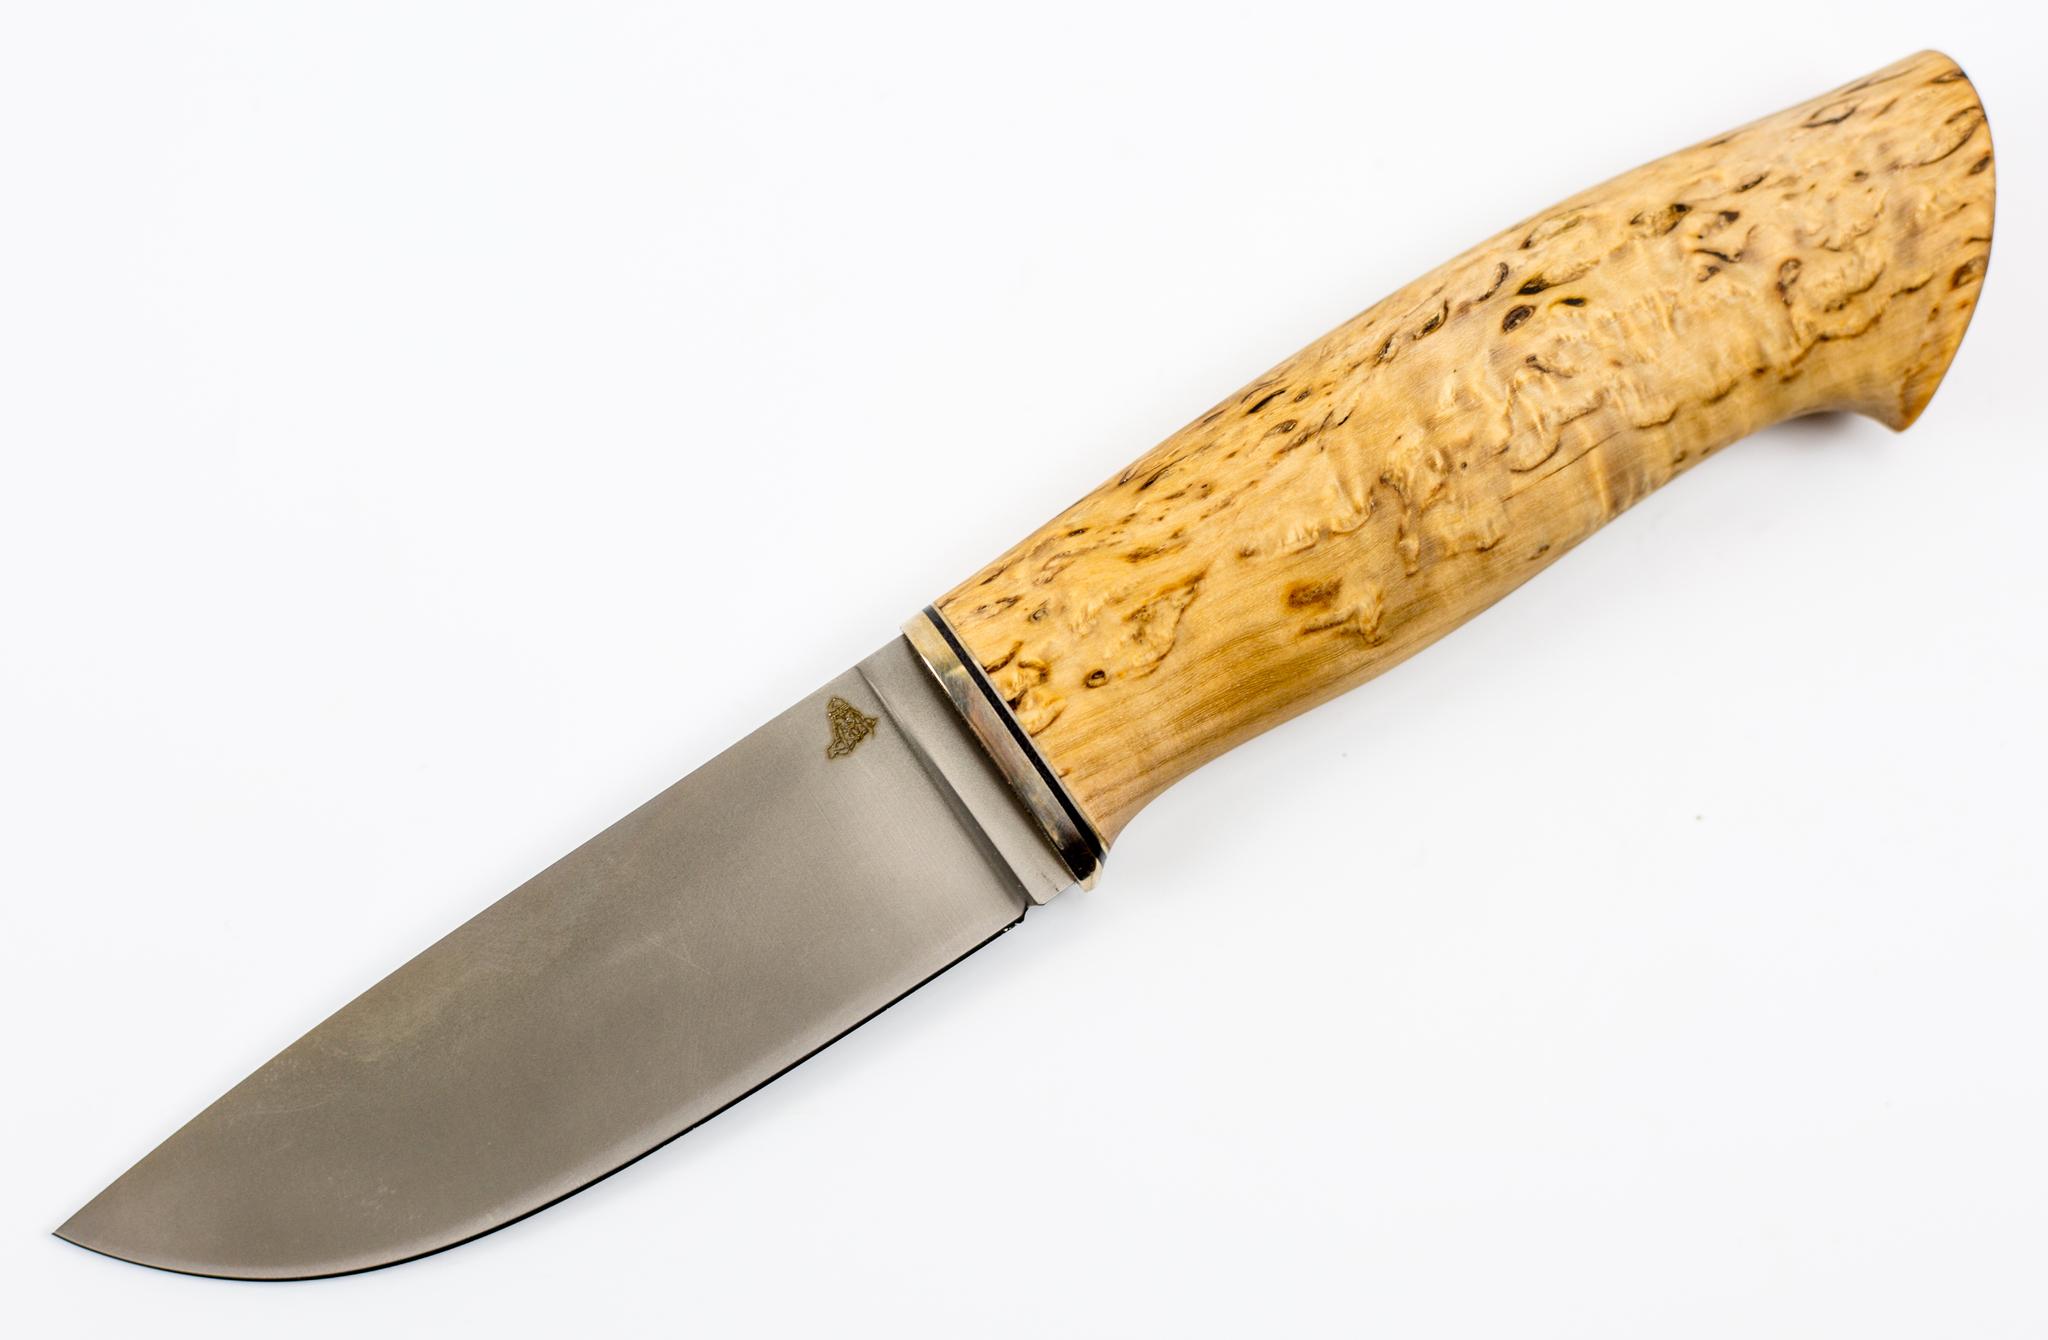 Нож Кроха-4, Vanadis 10, мельхиор, карельская березаНожи Ворсма<br>Нож Кроха<br>